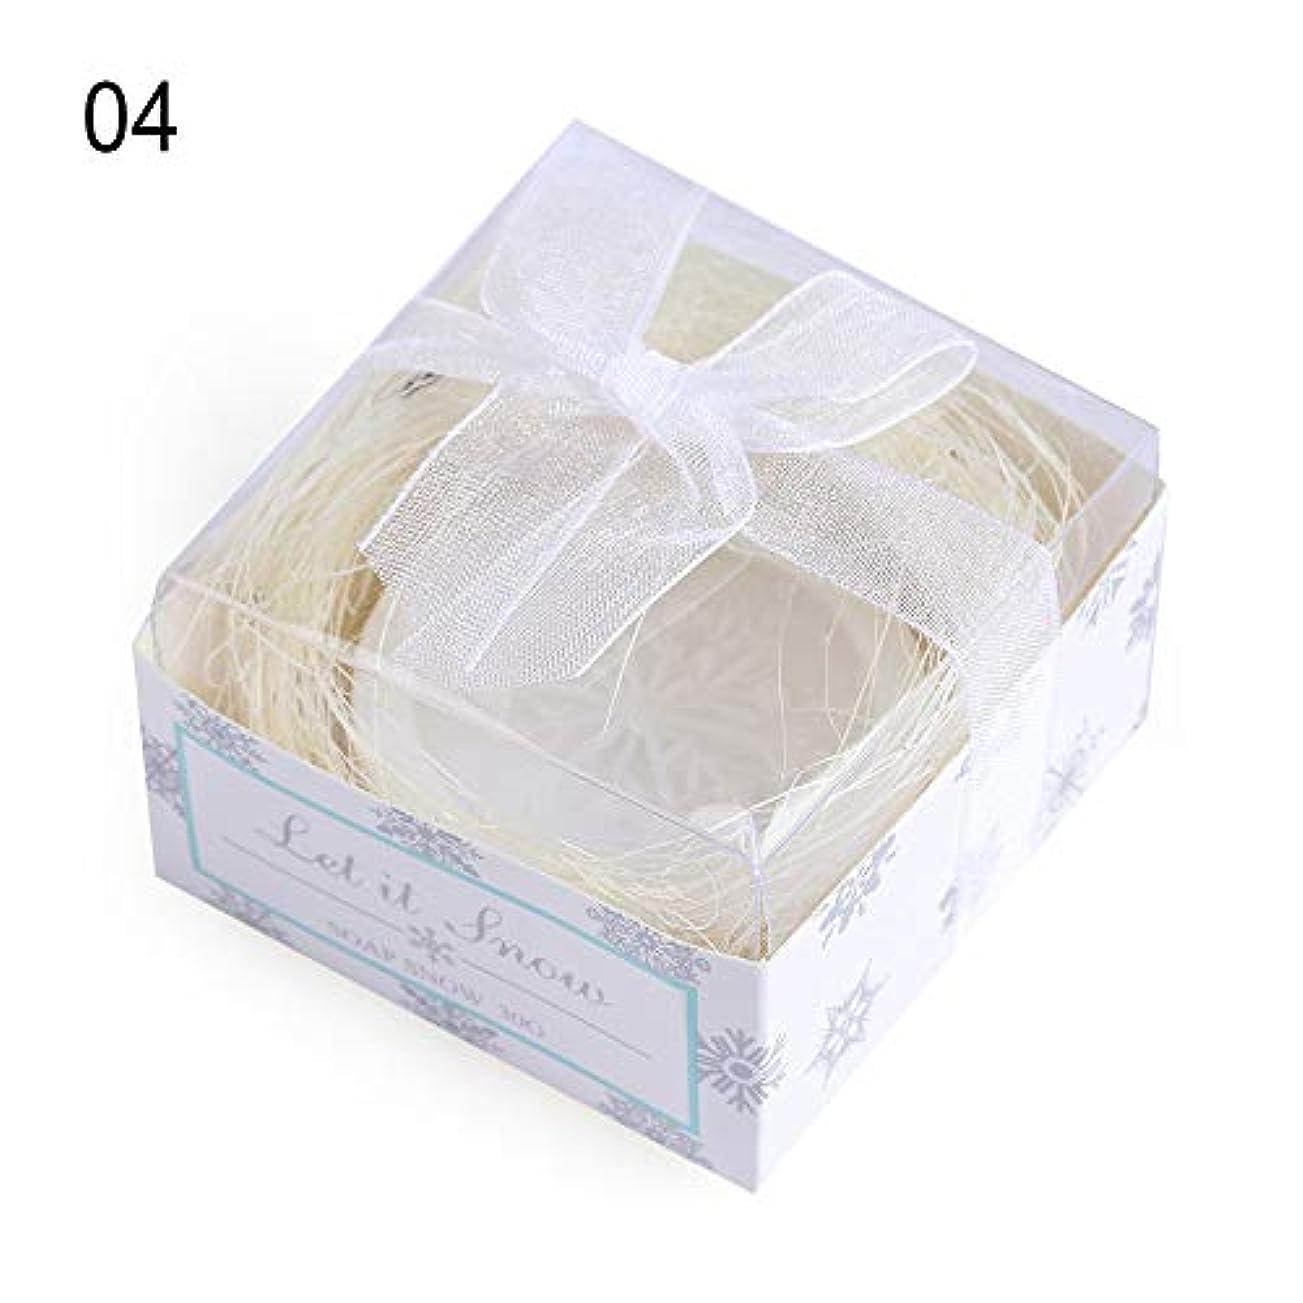 ソーシャル即席予想外手作り石鹸ミニ様々なファッション形状デザイン浴室石鹸結婚式パーティーハンドギフト